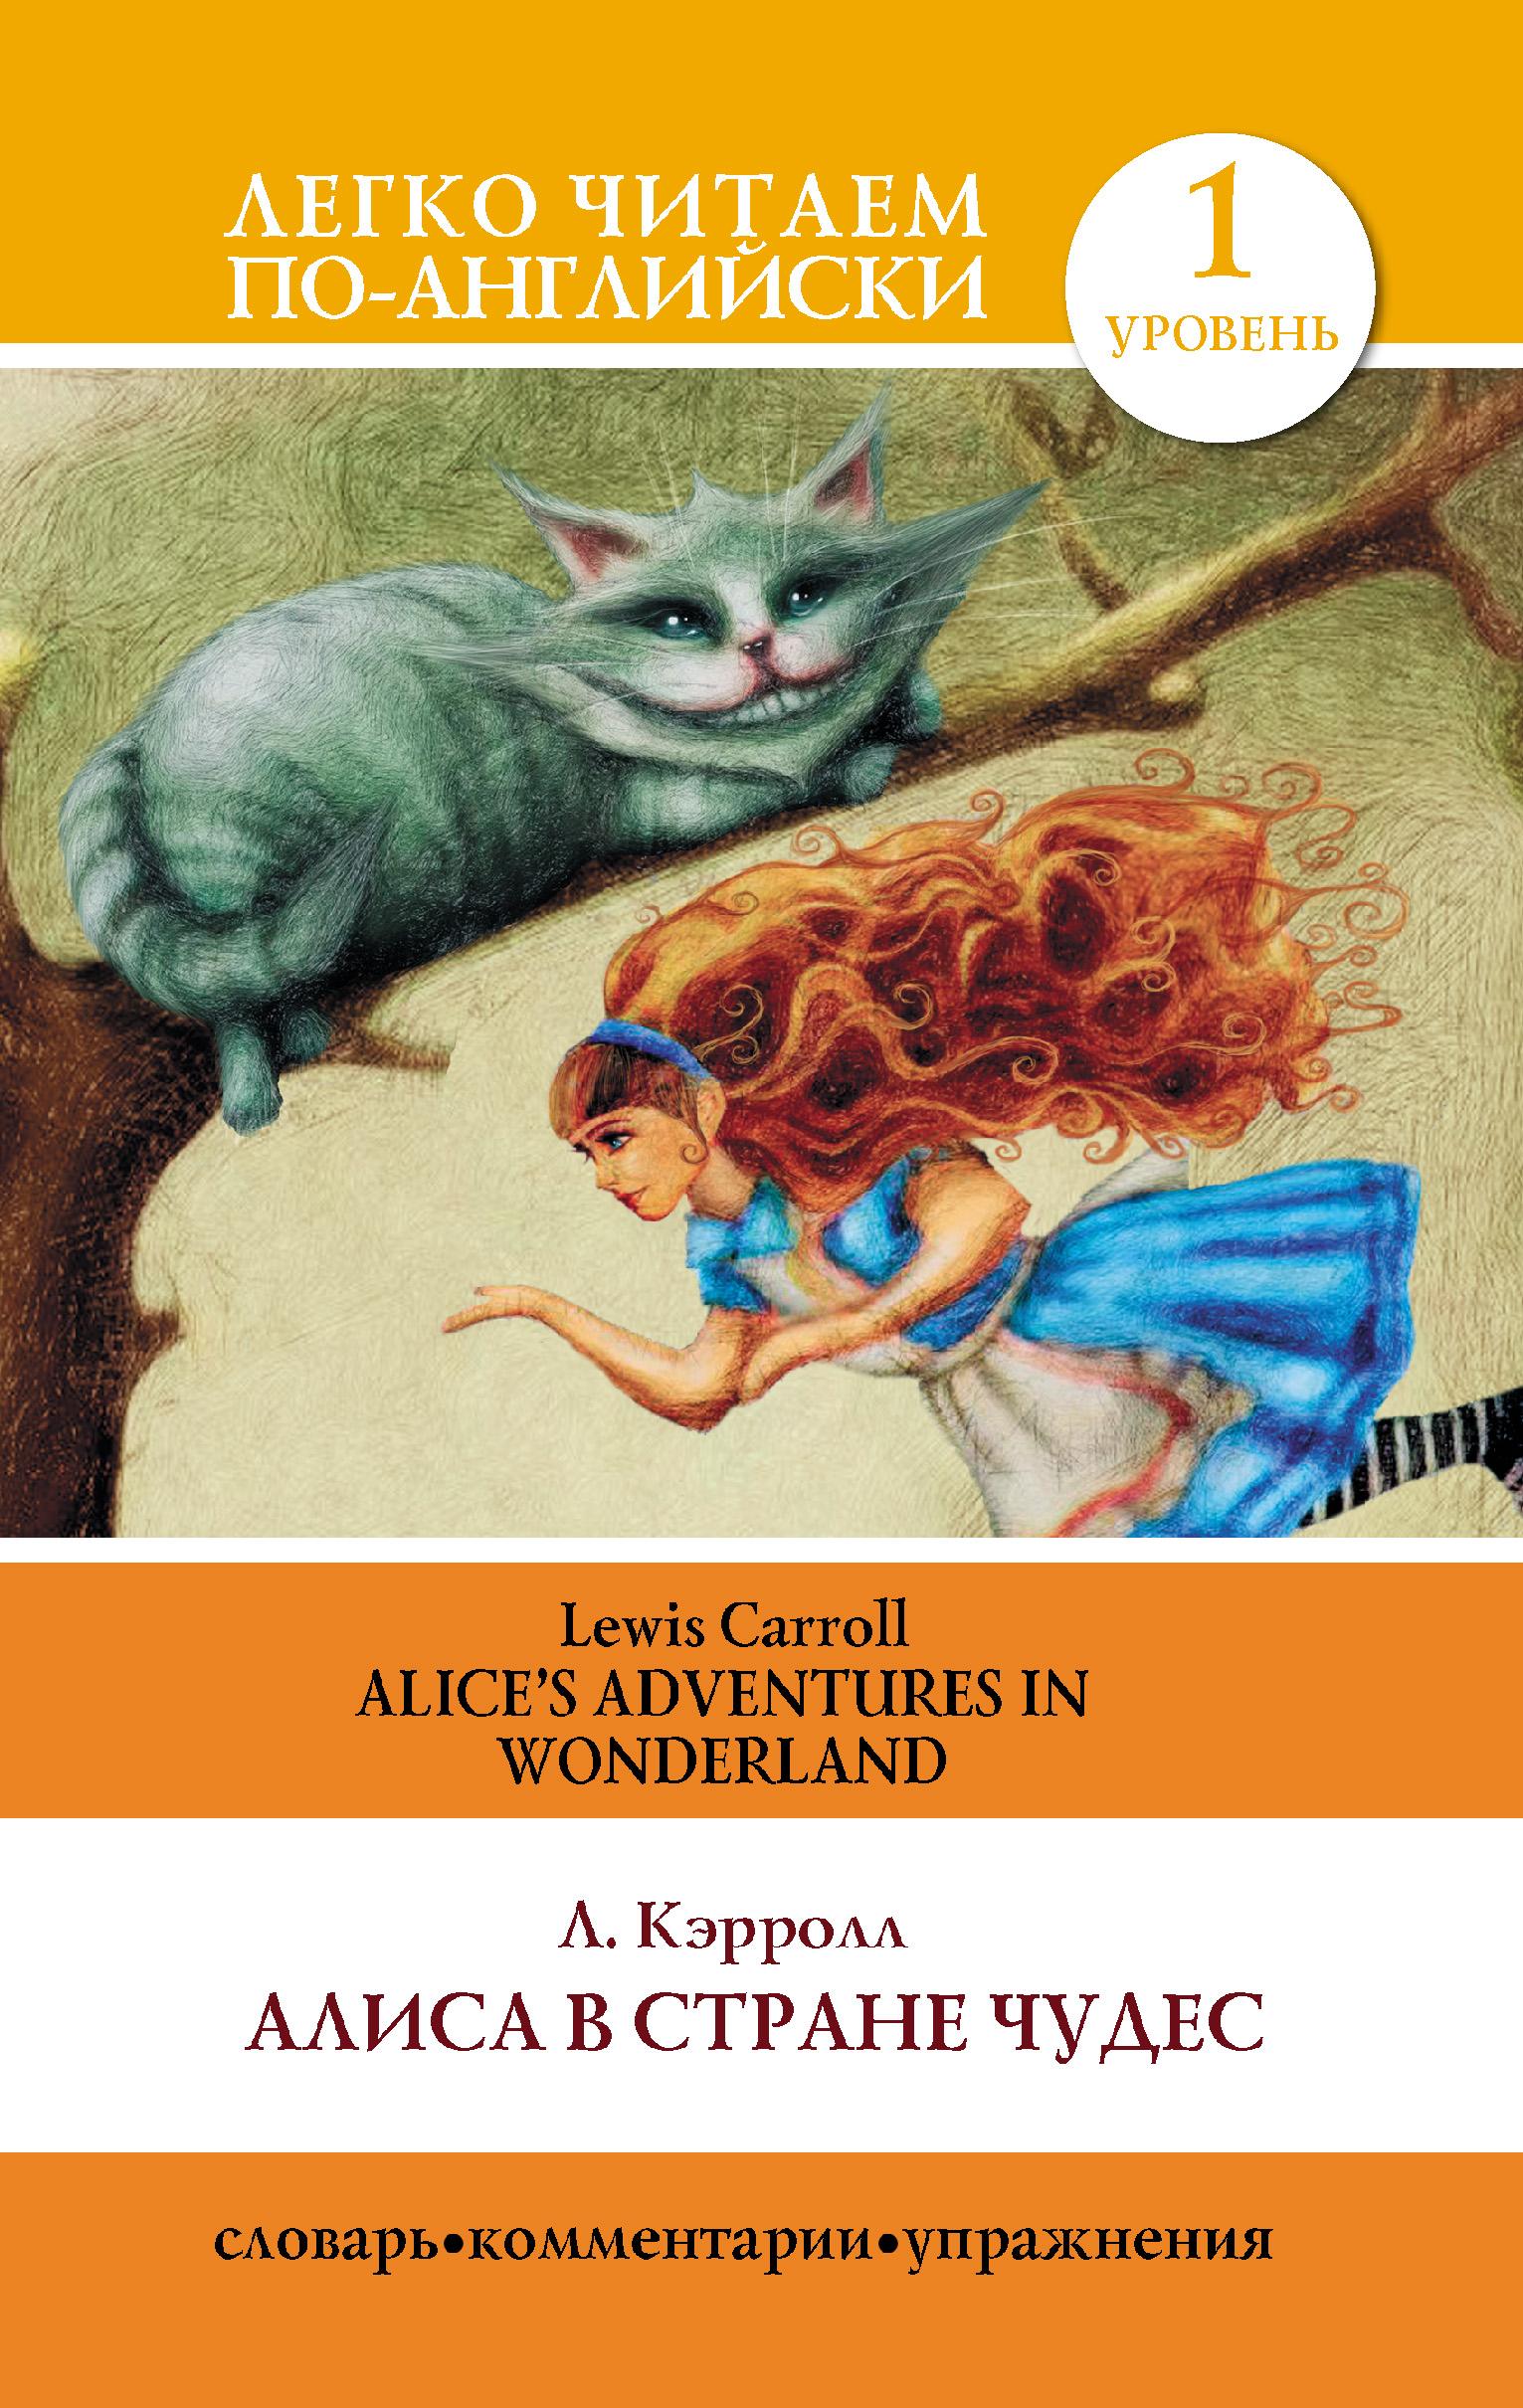 Льюис Кэрролл Алиса в стране чудес / Alice's Adventures in Wonderland кэрролл л алиса в стране чудес alice in wonderland